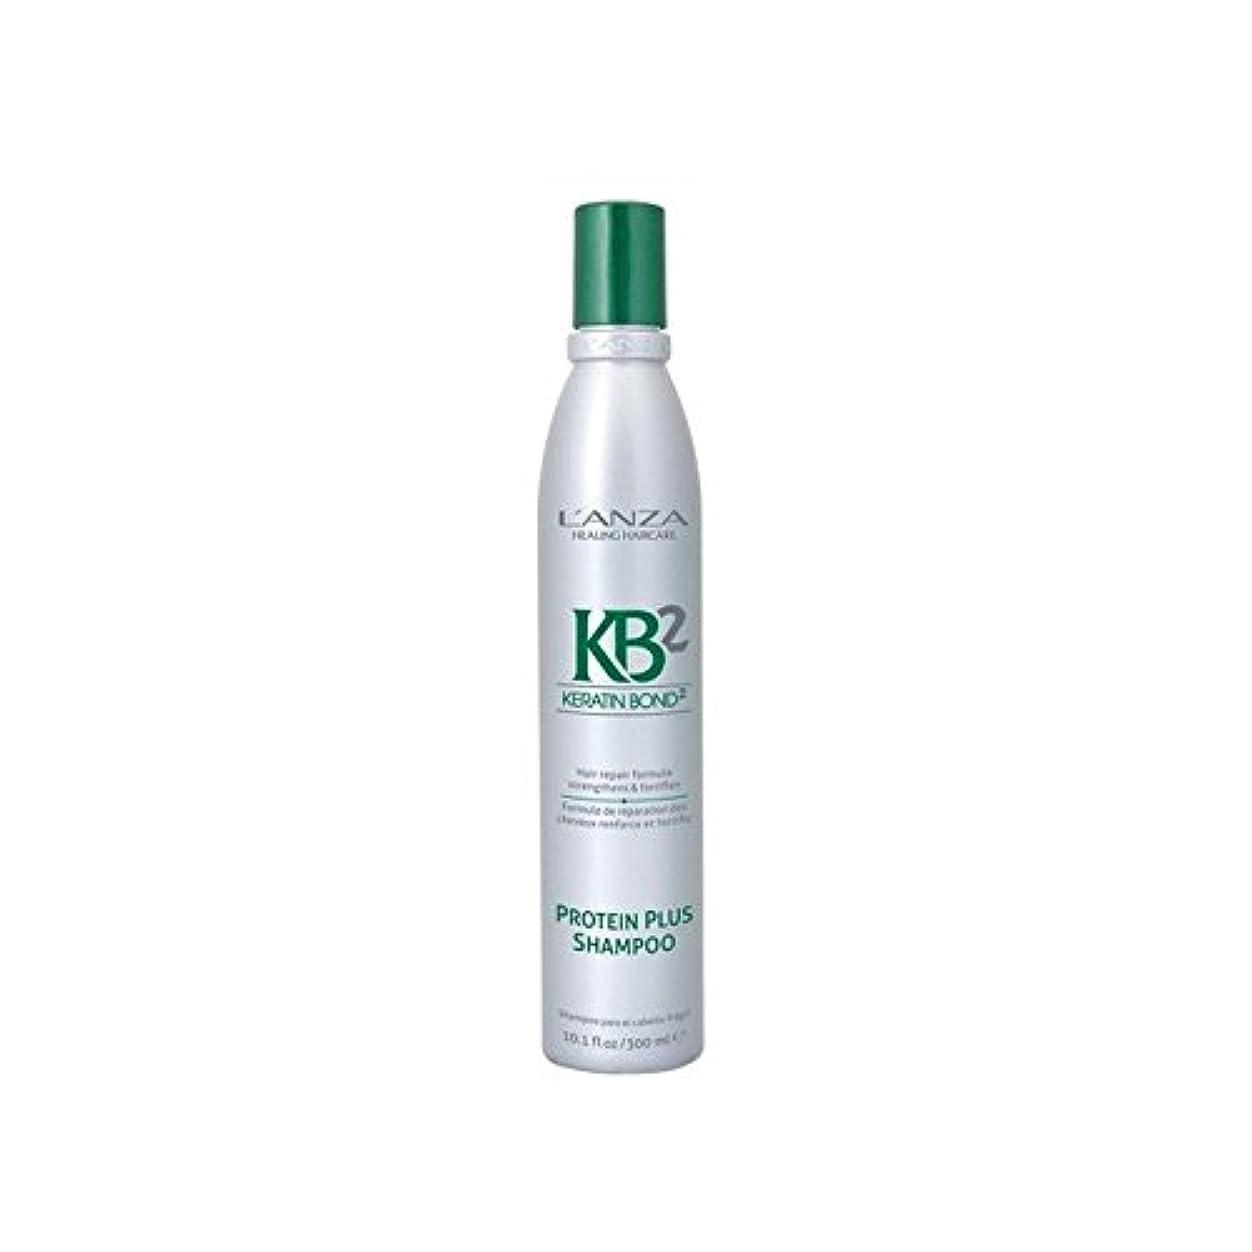 共同選択パースブラックボロウ知覚するアンザ2タンパク質プラスシャンプー(300ミリリットル) x4 - L'Anza Kb2 Protein Plus Shampoo (300ml) (Pack of 4) [並行輸入品]